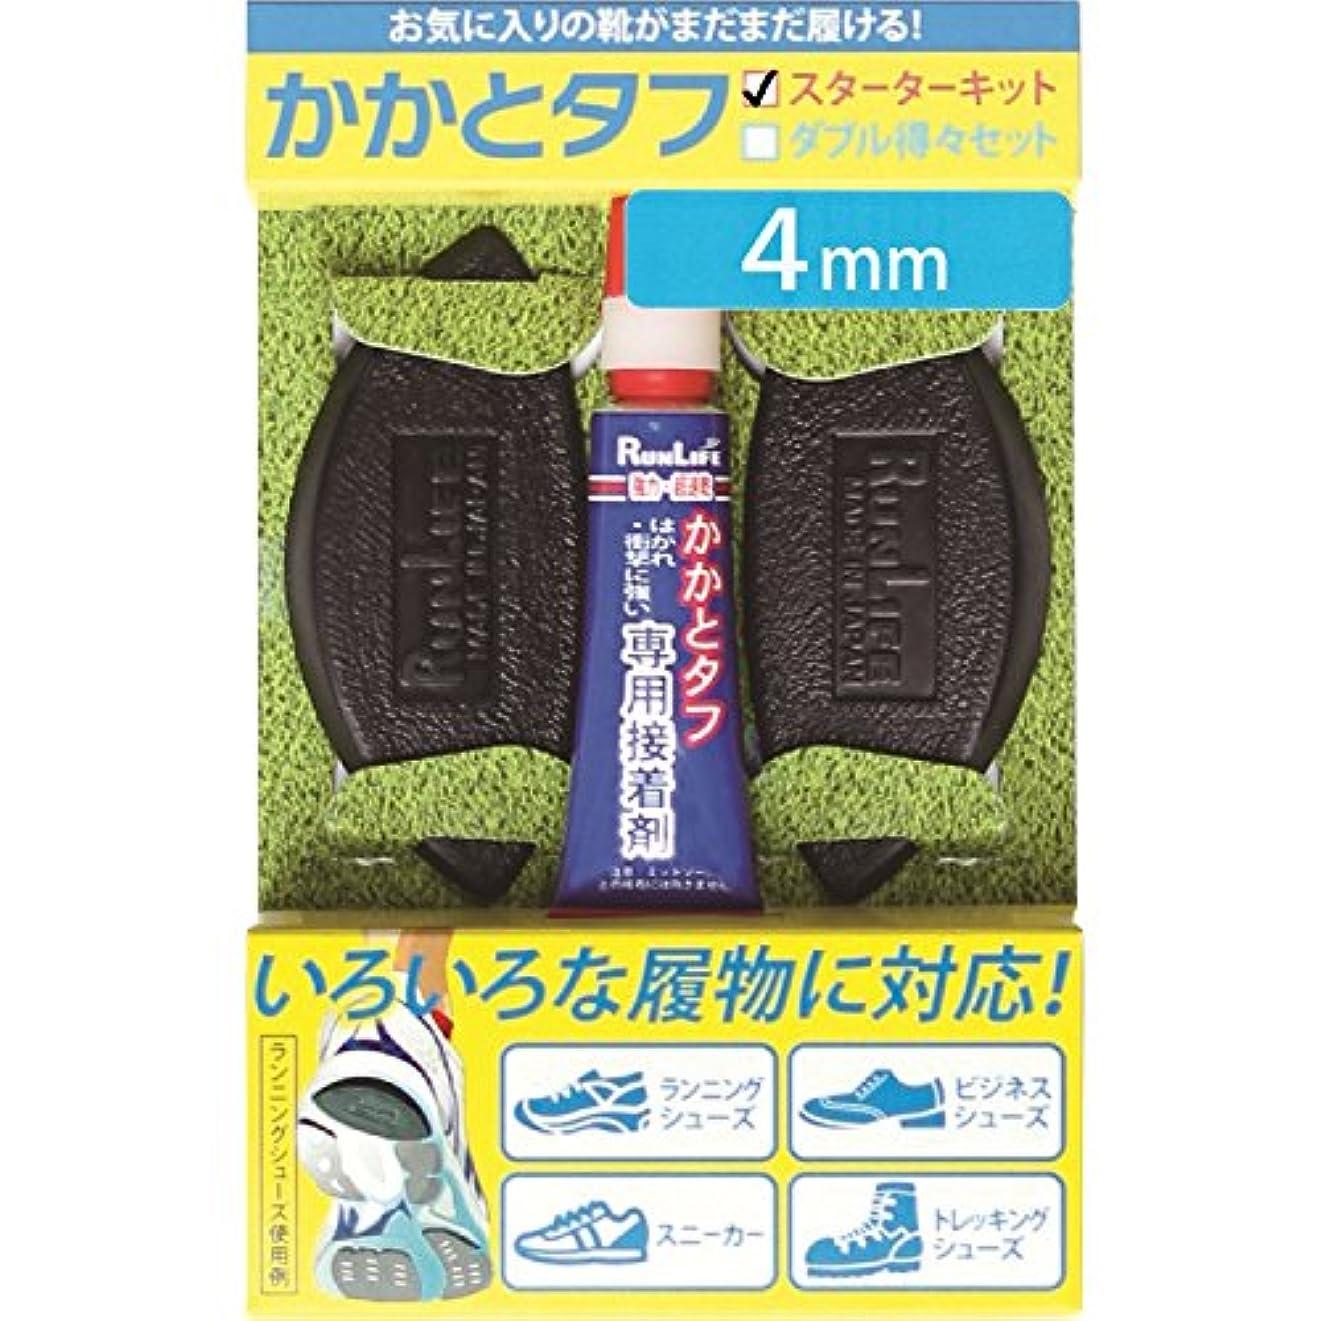 儀式牛肉探偵RunLife(ランライフ) 靴修理 シューズ補修材『 かかとタフ 』 4mm スターターキット SKT-4M+SG